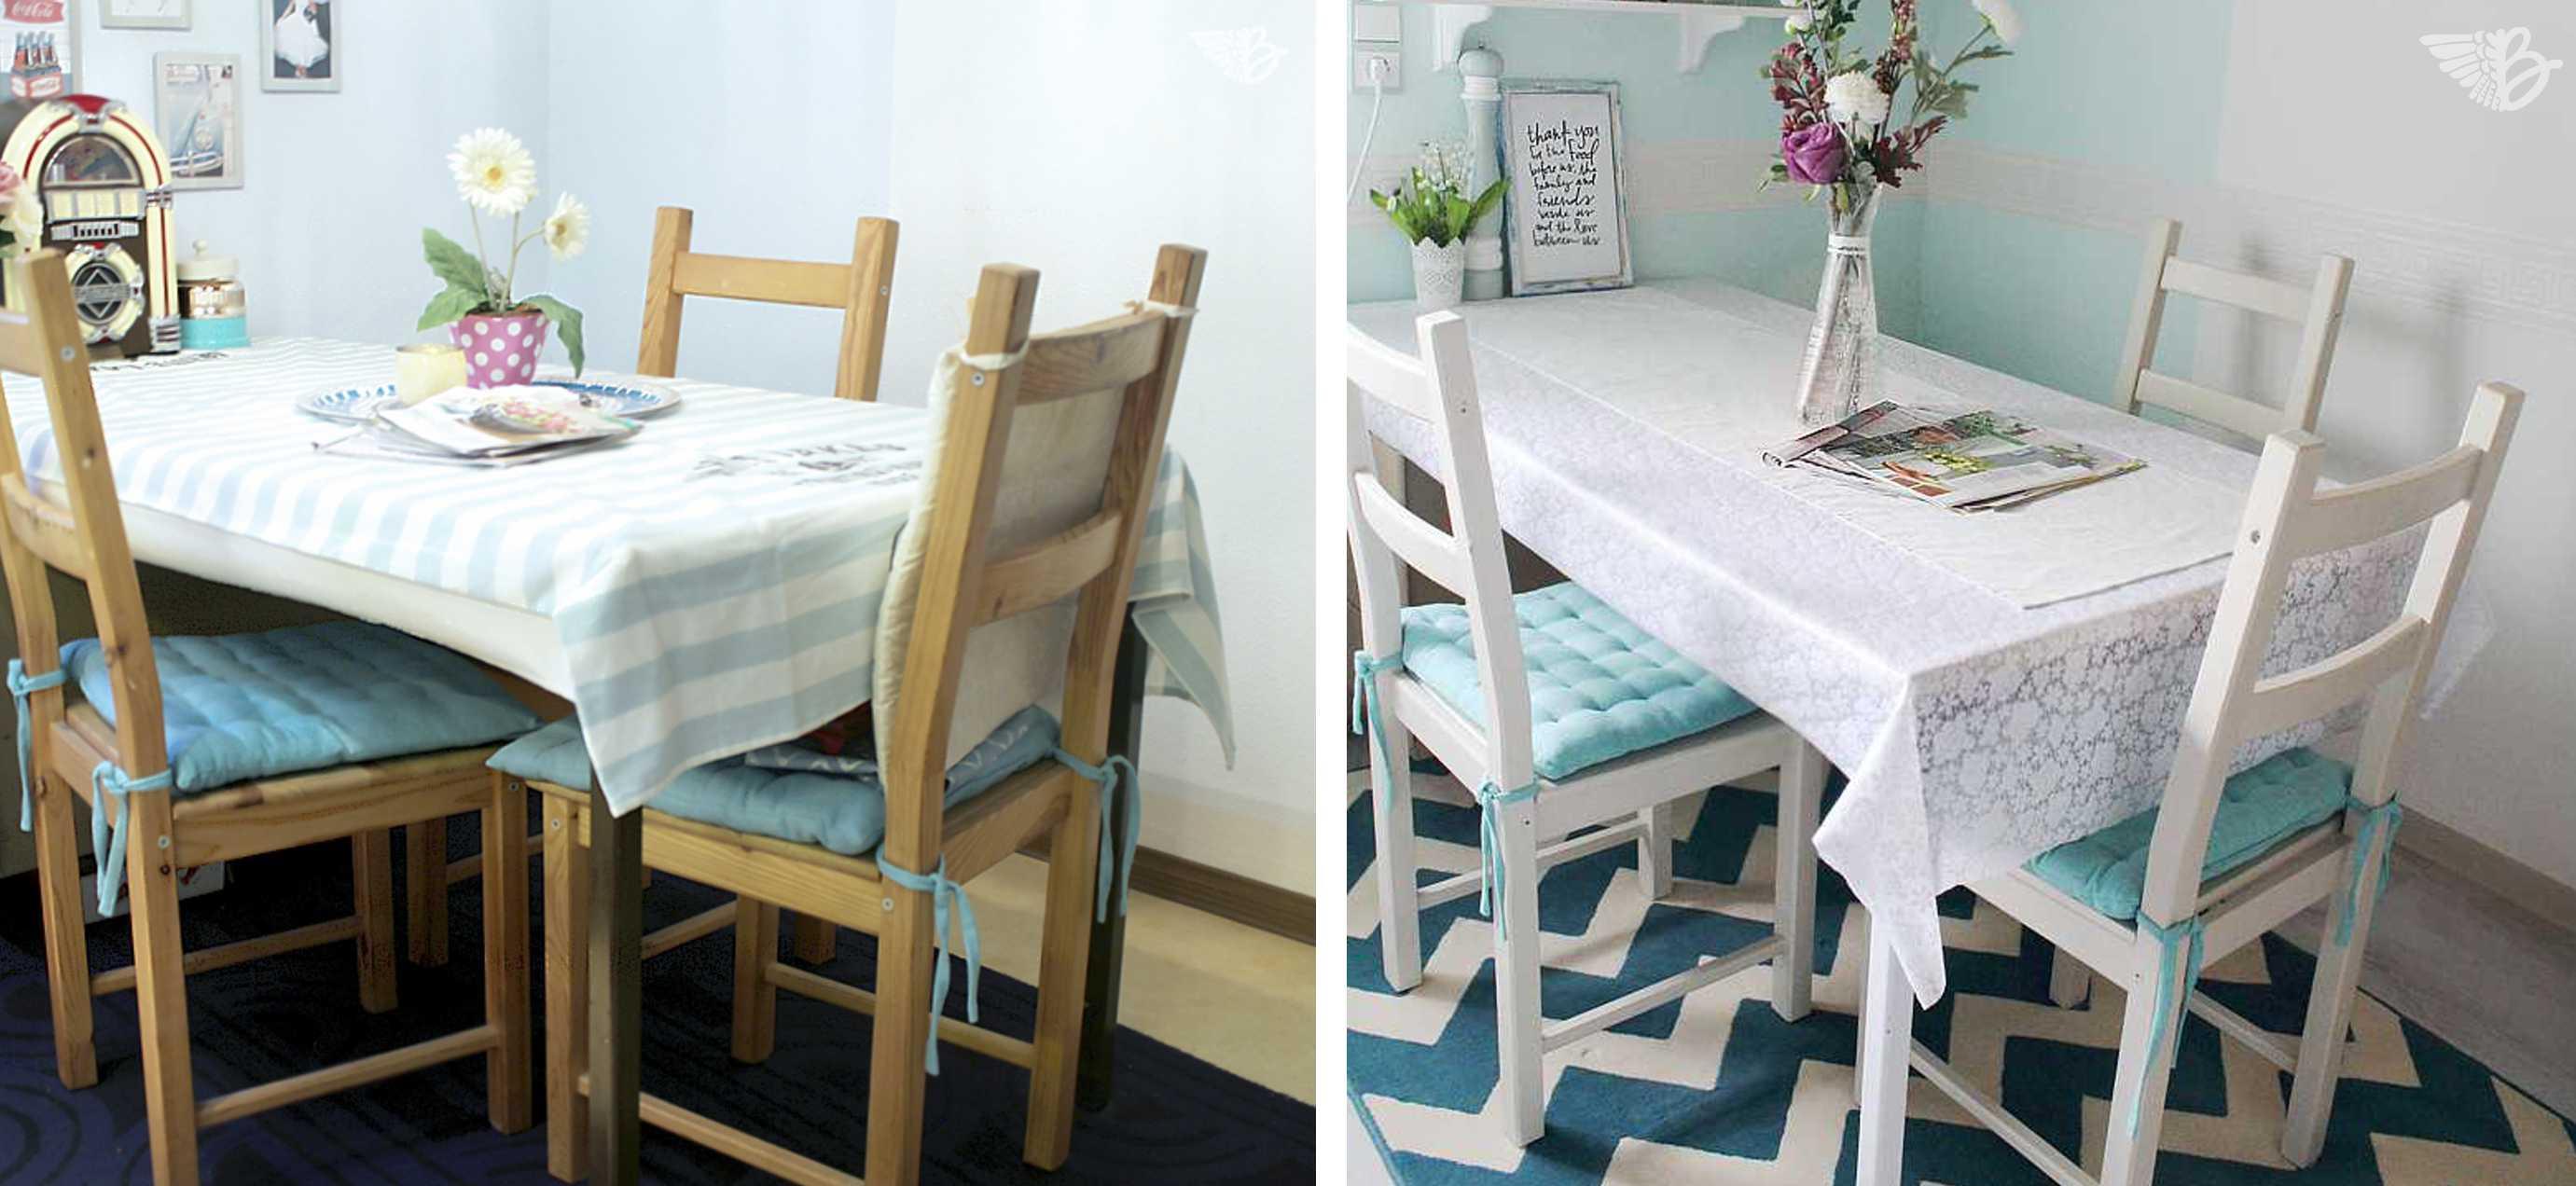 Roomtour durch meine neue Küche - Vorher-Nachher Fotos und DIY Ideen